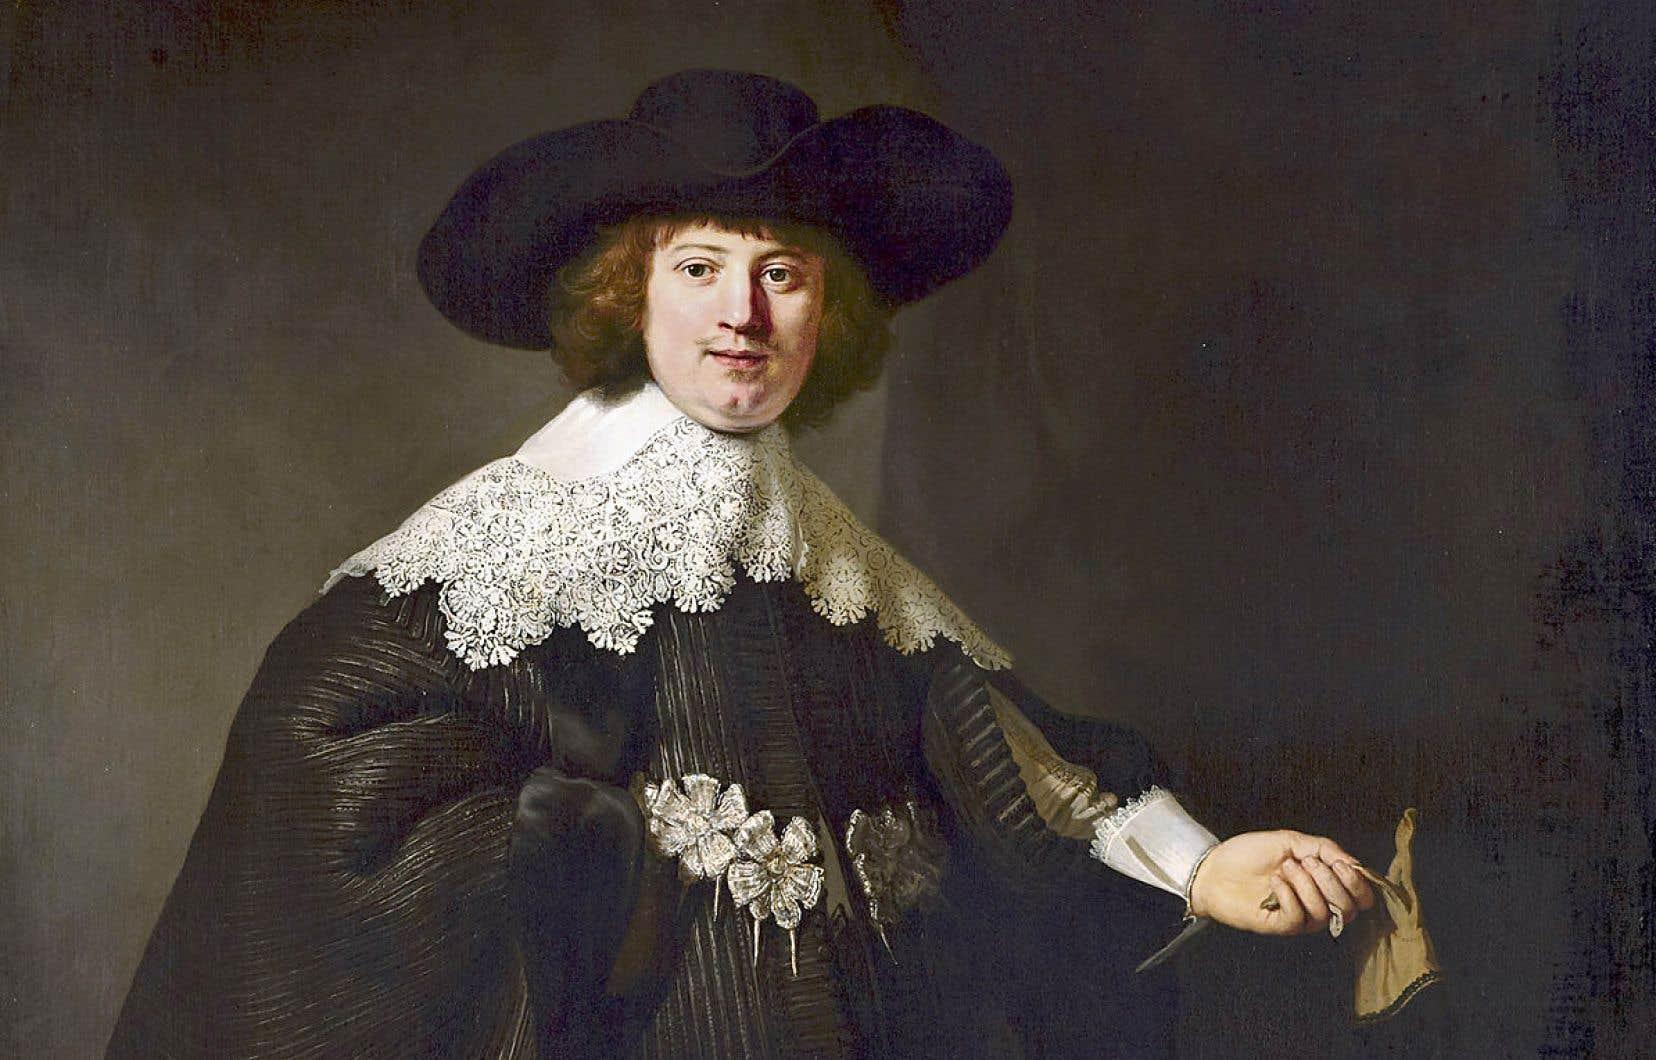 En vertu d'une entente entre la France et les Pays-Bas, le «Portrait de Marten Soolmans» (1634), de Rembrandt, est présenté en alternance au Rijksmuseum, à Amsterdam, et au musée du Louvre, à Paris.